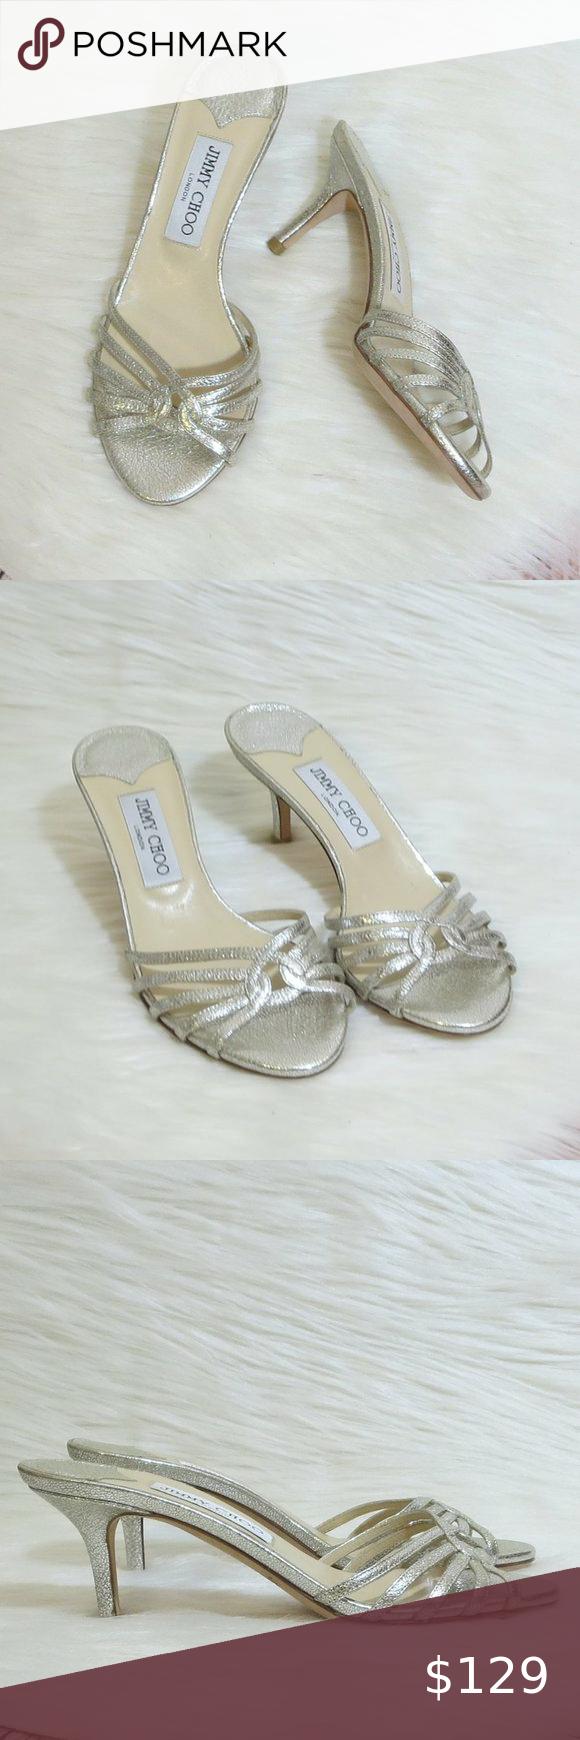 Jimmy Choo Metallic Silver Slip On Heels In 2020 Jimmy Choo Shoes Heels Shoes Women Heels Heels